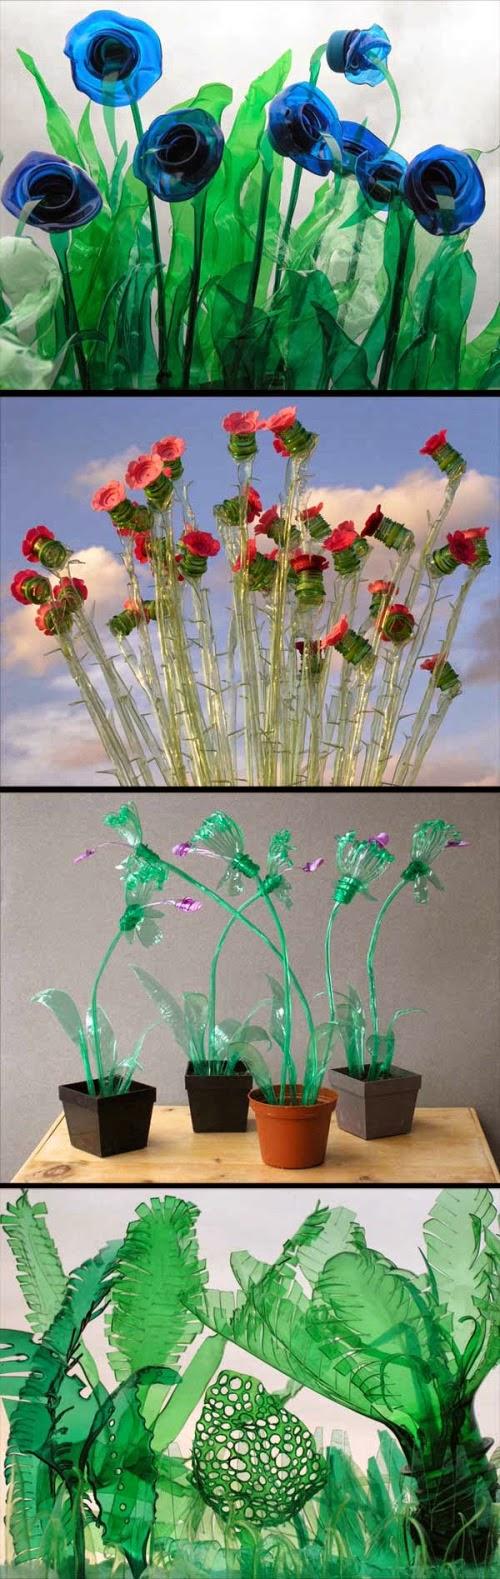 http://asalasah.blogspot.com/2015/04/botol-plastik-bekas-jadi-alat-perhiasan.html